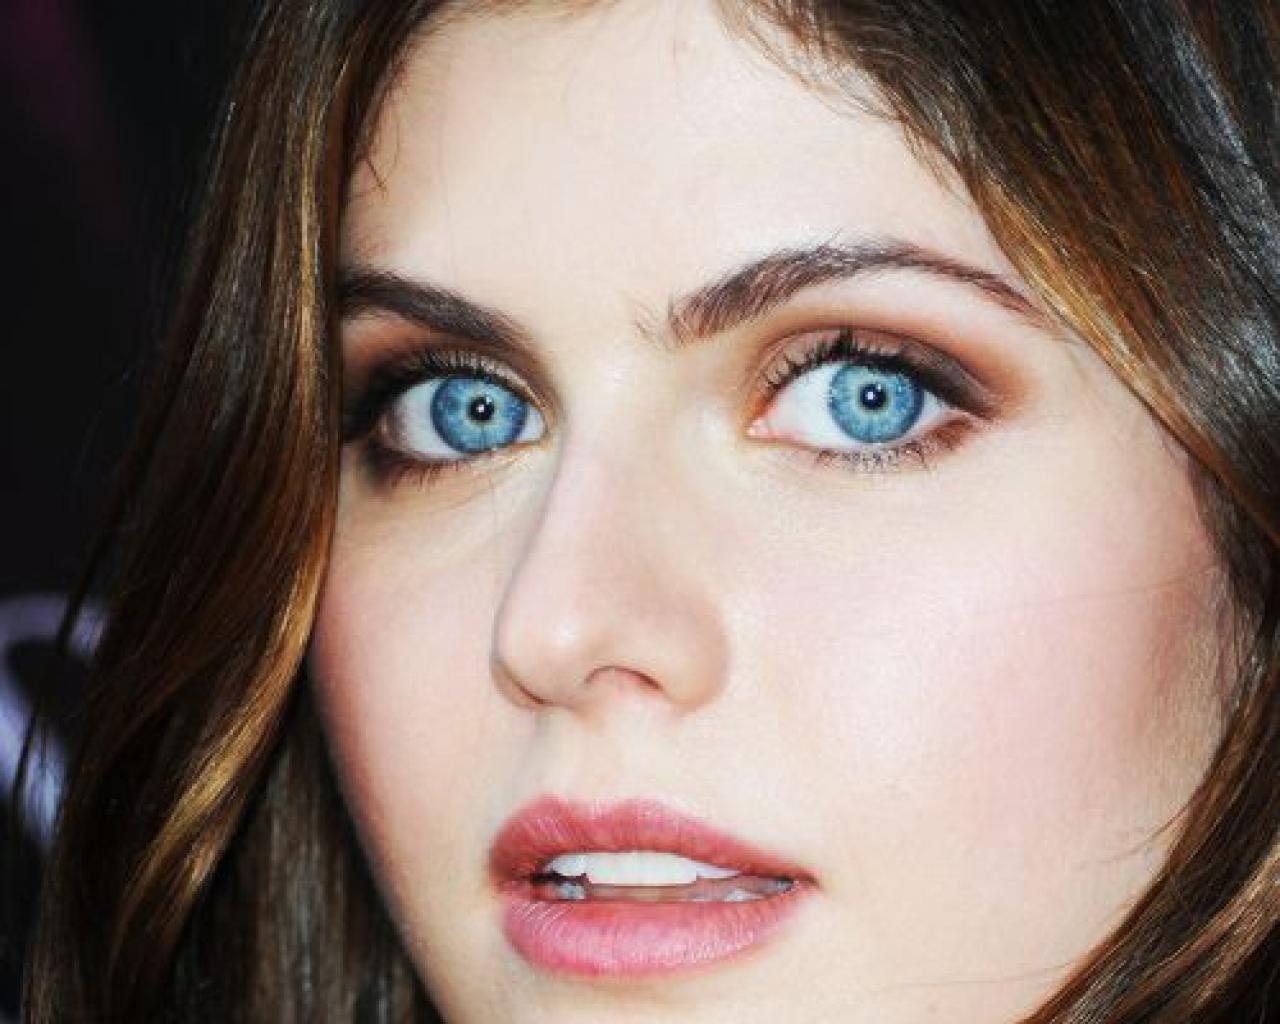 بالصور اجمل عيون النساء , صور احلى عيون النساء 5833 3